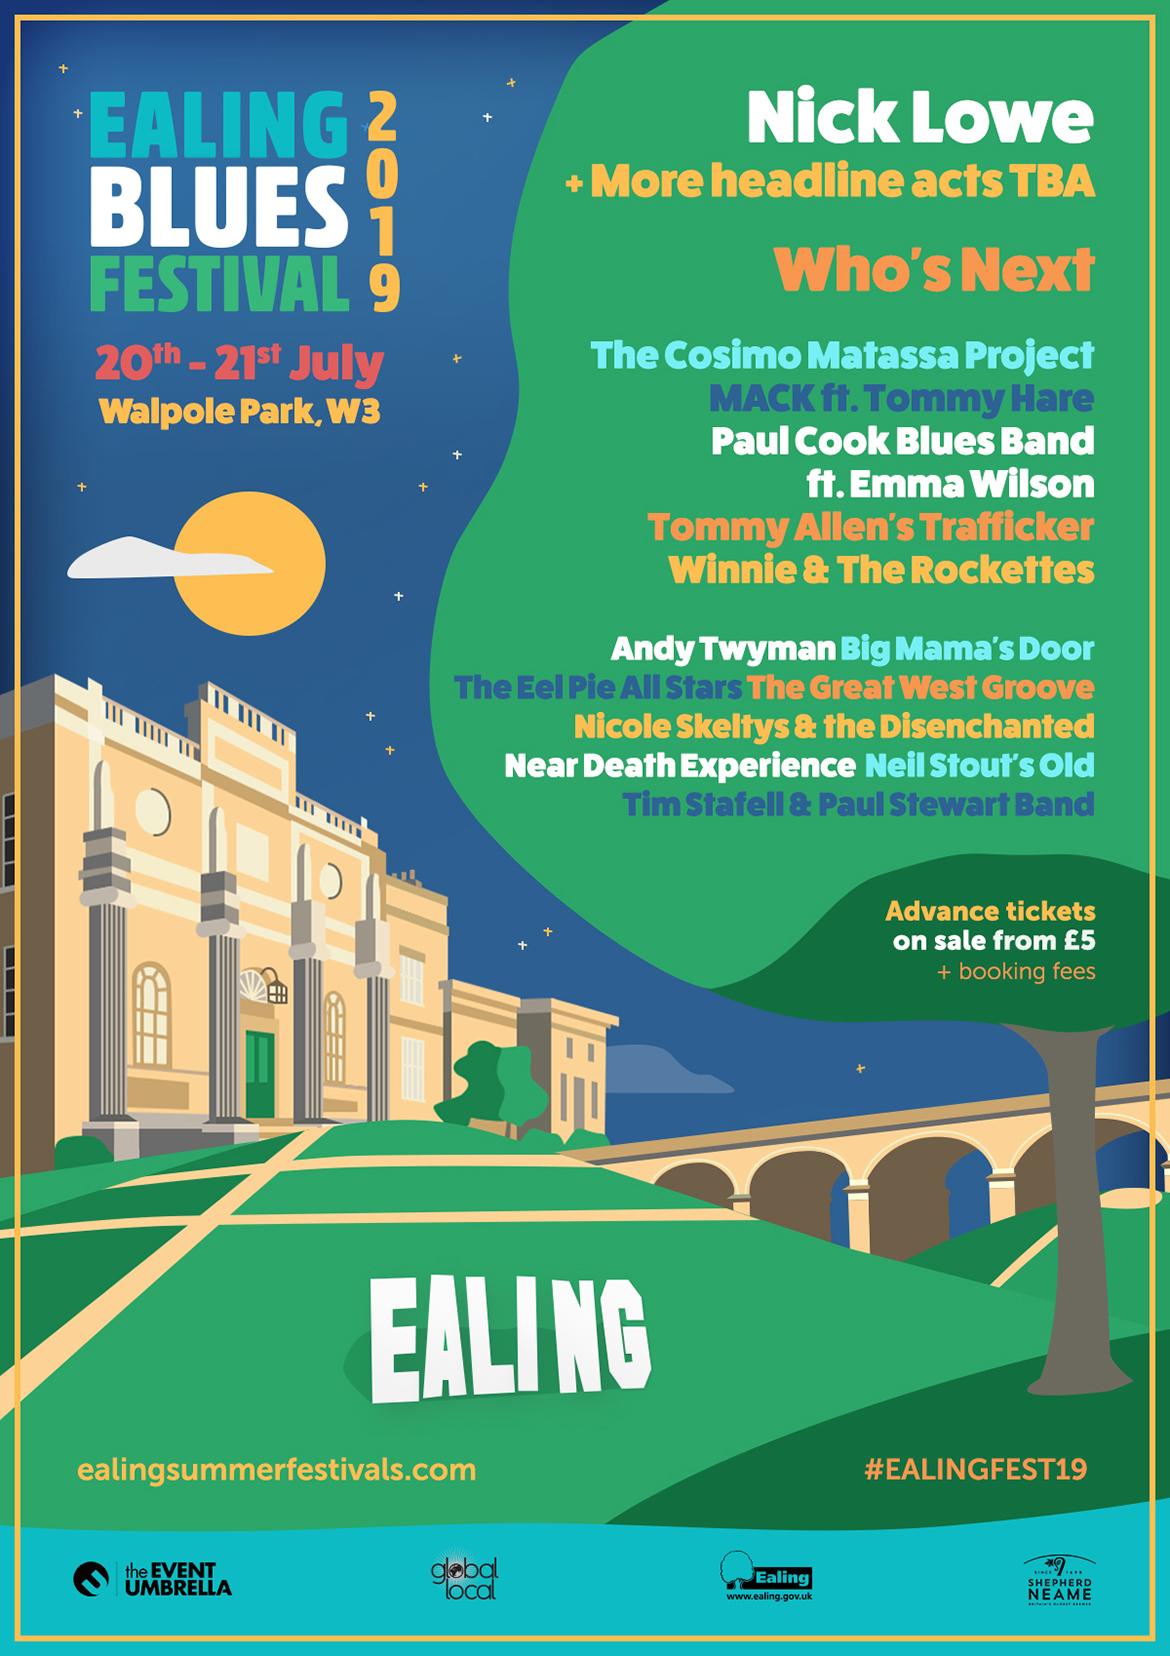 Ealing Blues Festival 2019